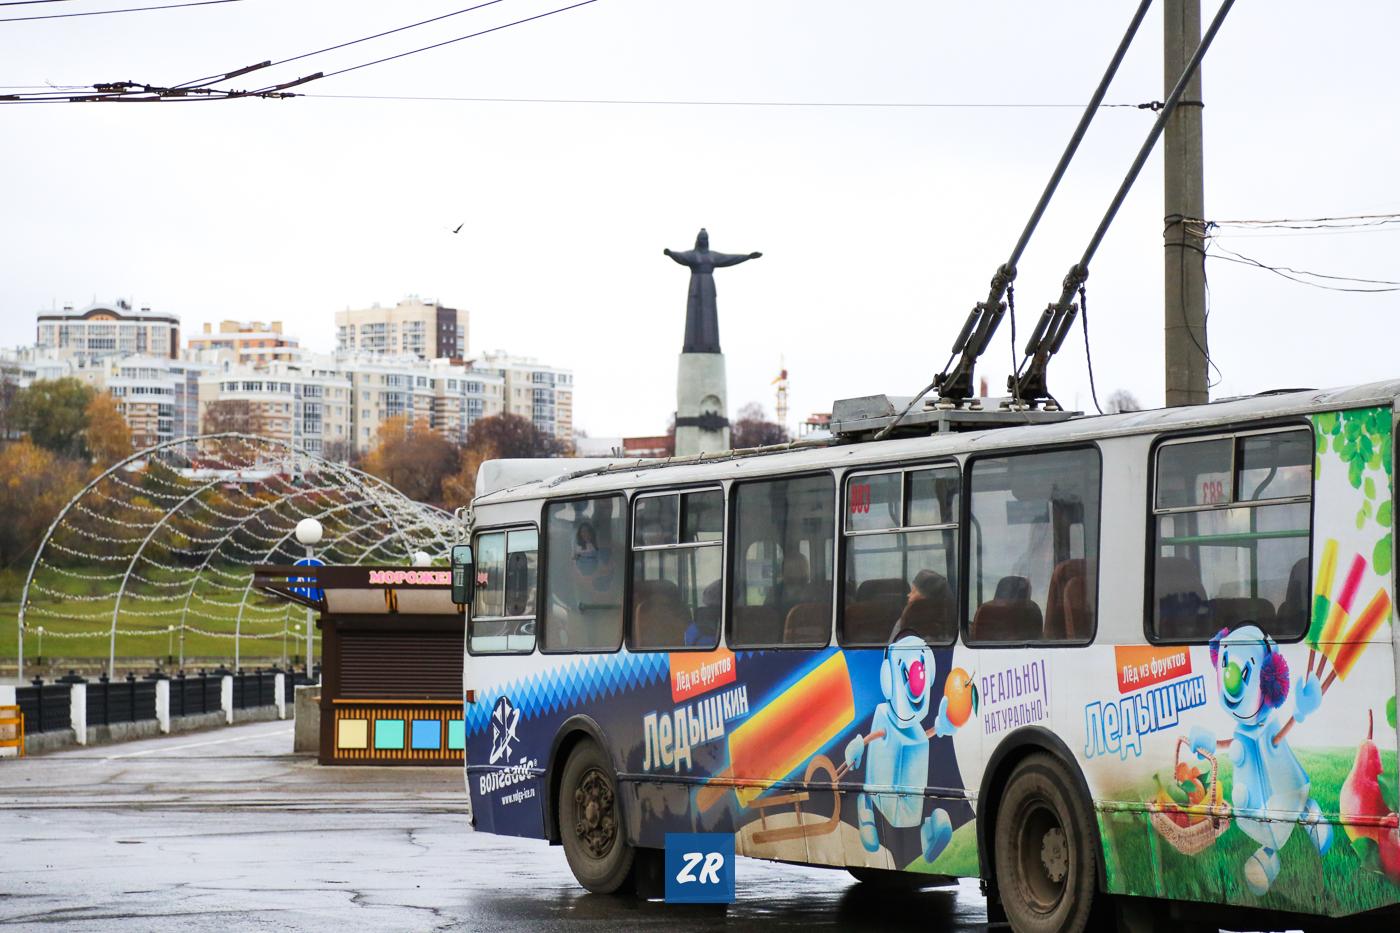 Минфин Чувашии даст кредит мэрии для троллейбусного управления